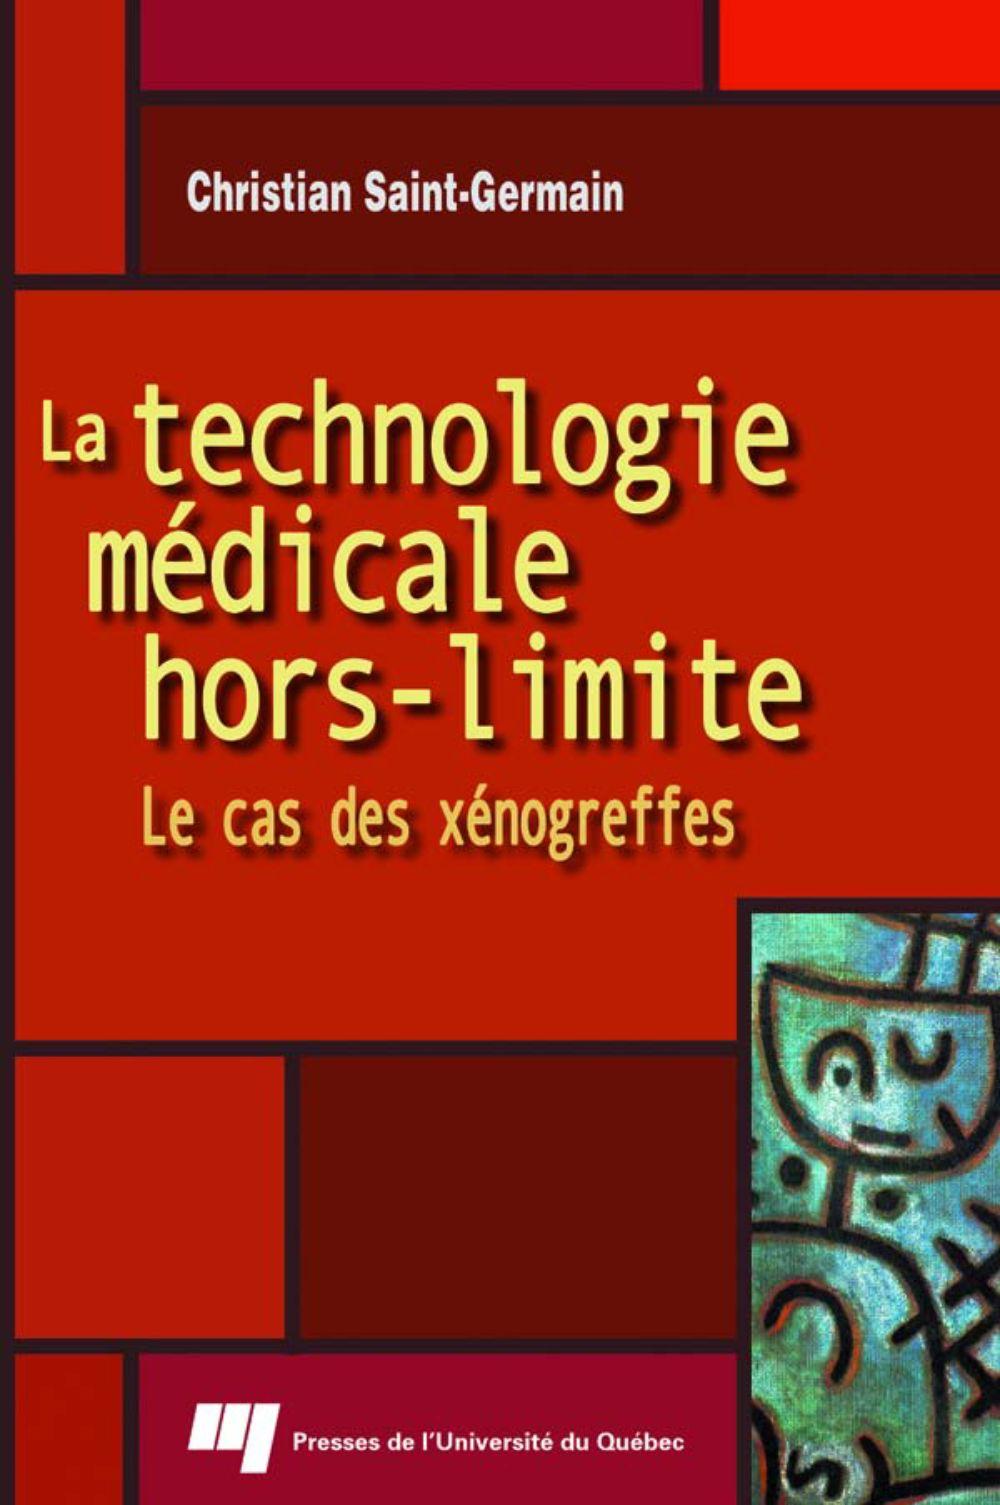 La technologie médicale hors-limite